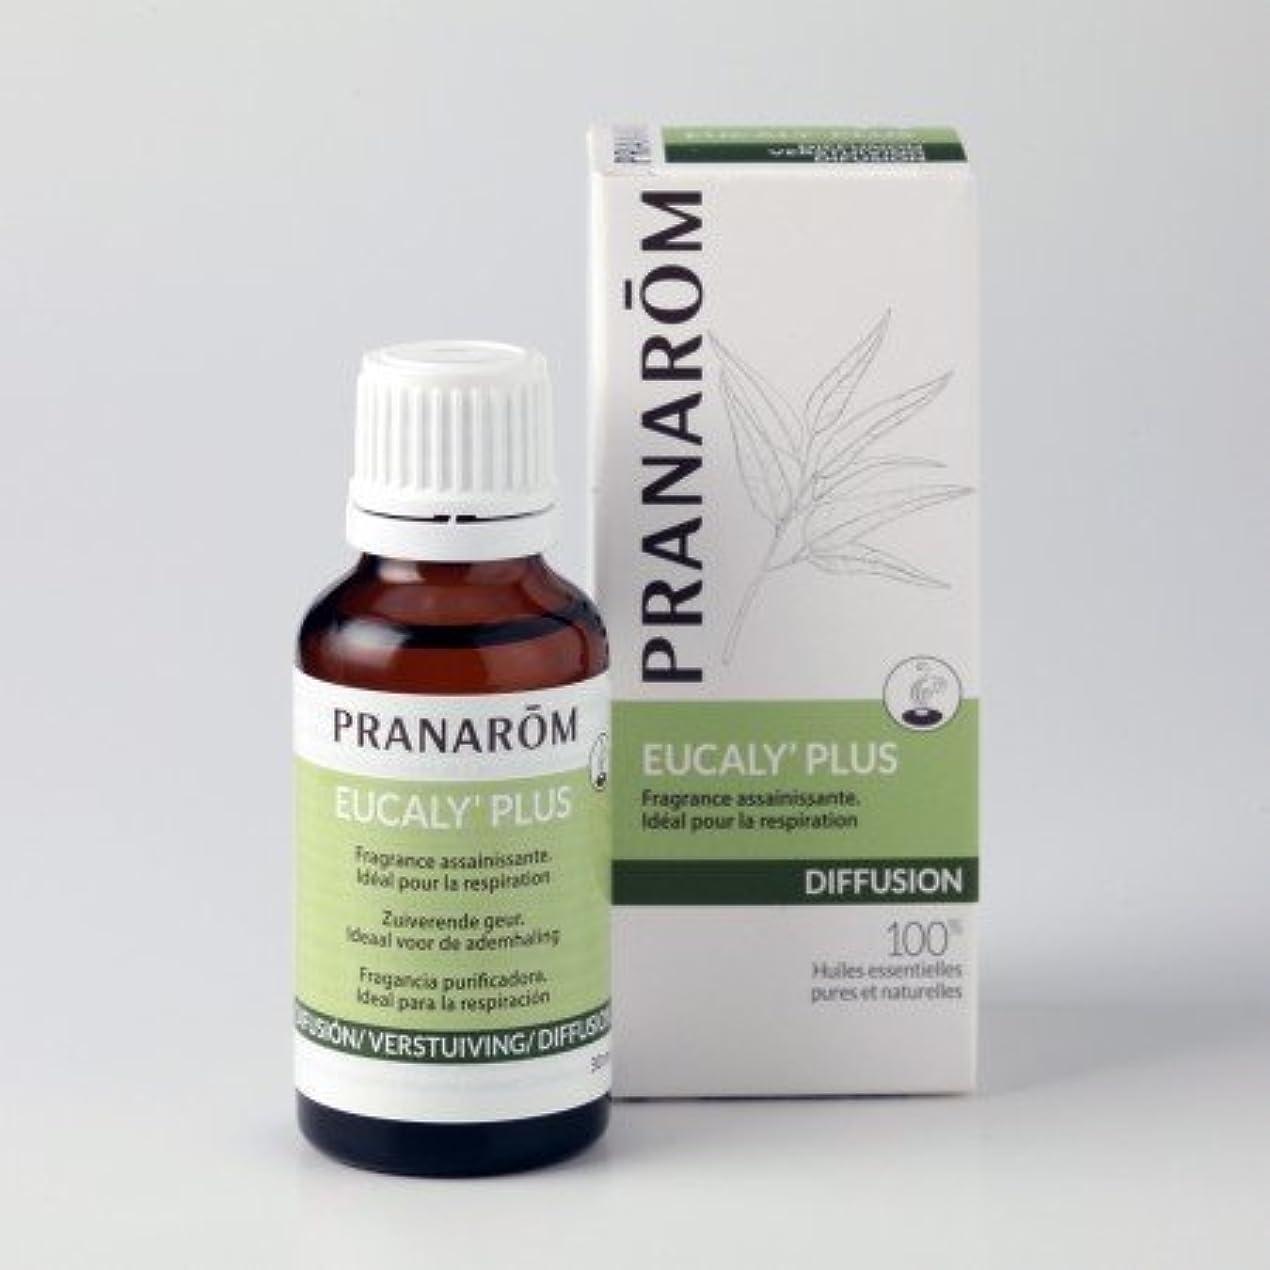 じゃない国際高揚したプラナロム ( PRANAROM ) ルームコロン 胸一杯のフレッシュエア ユーカリプラス 30ml 02590 エアフレッシュナー ( 芳香剤 )